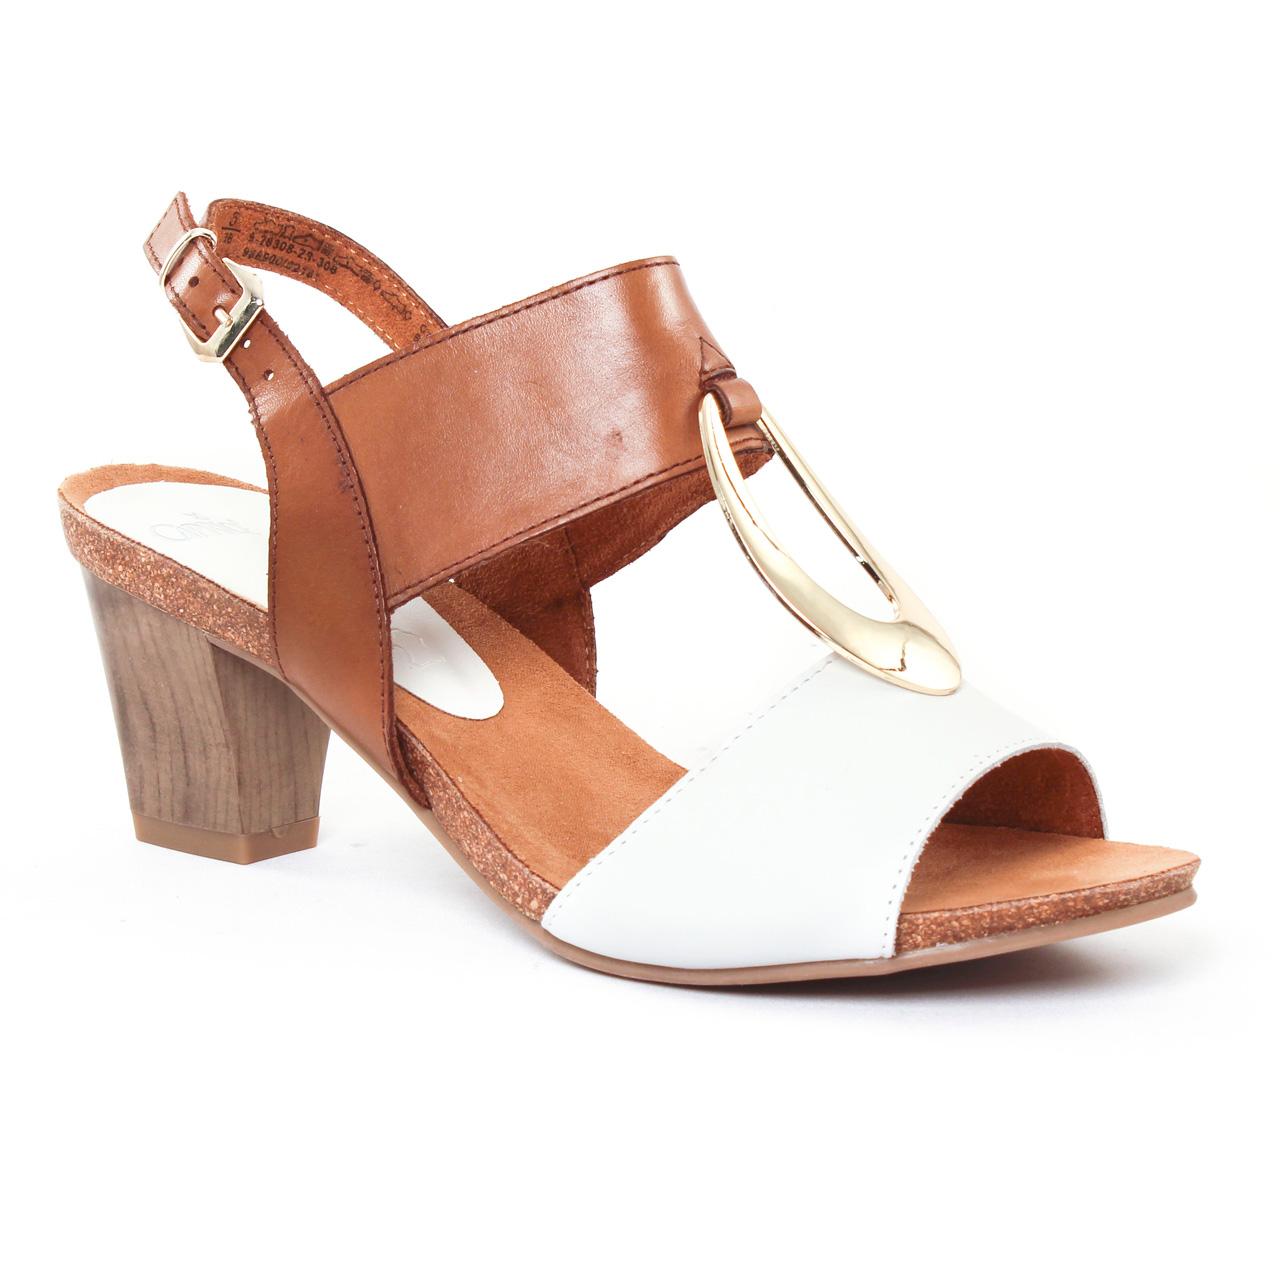 Femme Ete Chaussure Chaussure Marron Ete Marron Ete Femme Femme Marron Chaussure Chaussure lKJT1cF